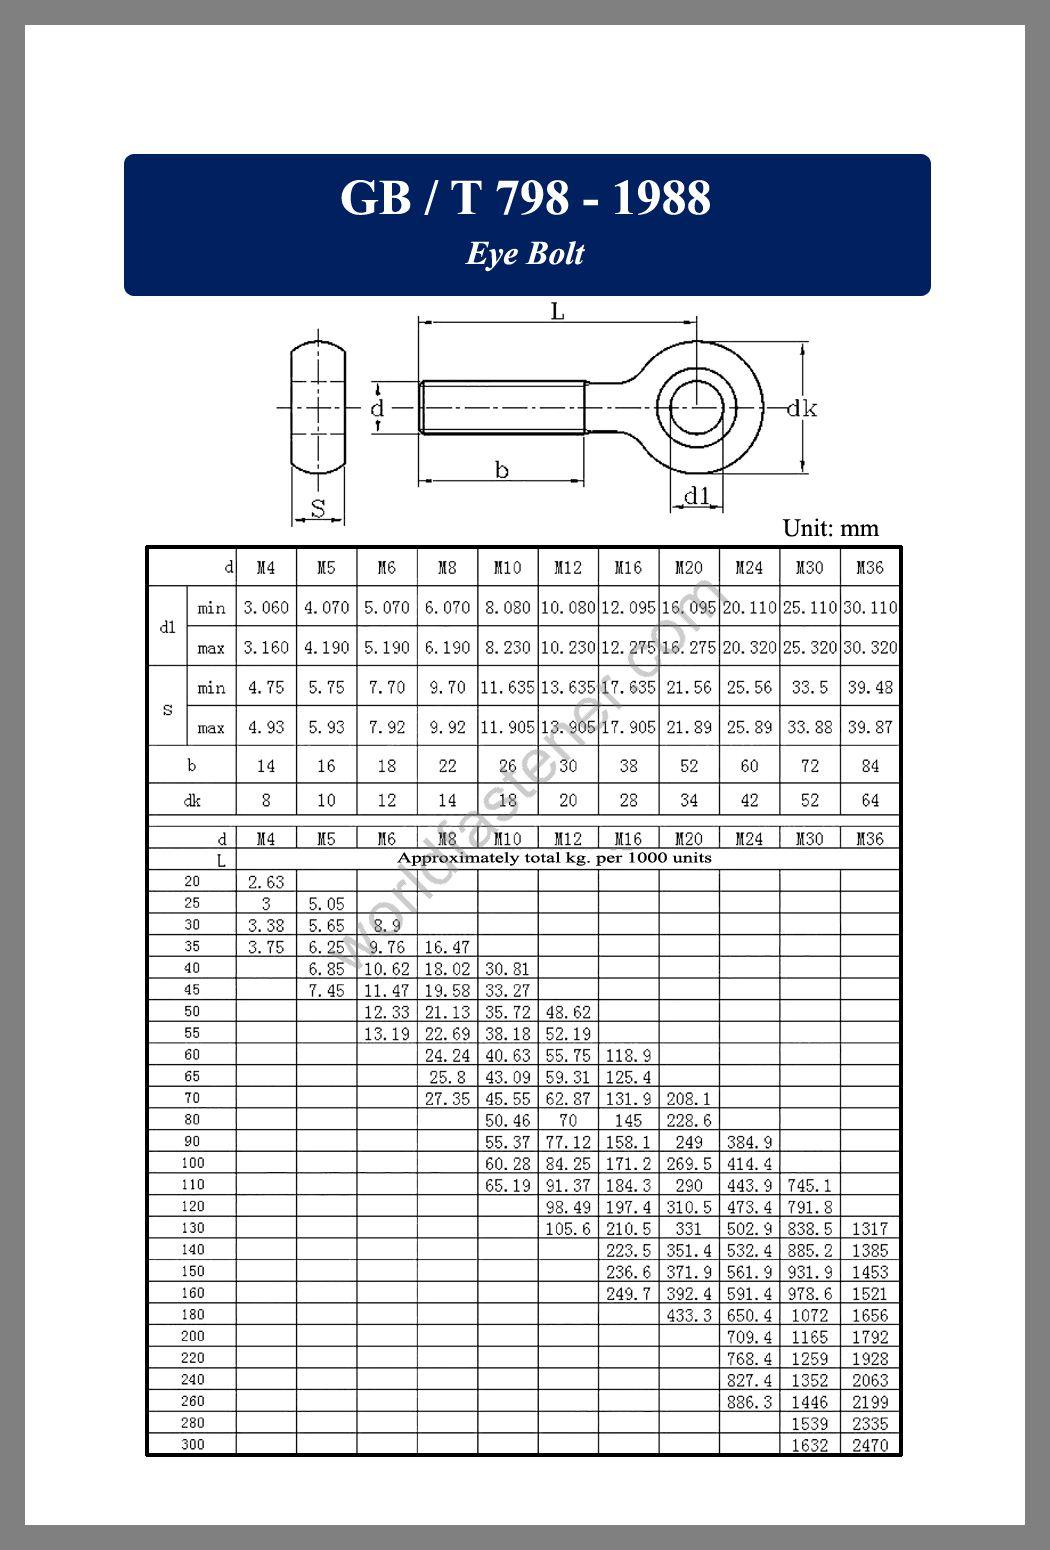 GB /T 798 Eye Bolts, Eye Bolts, fastener, screw, bolt, GB bolts, GB screws